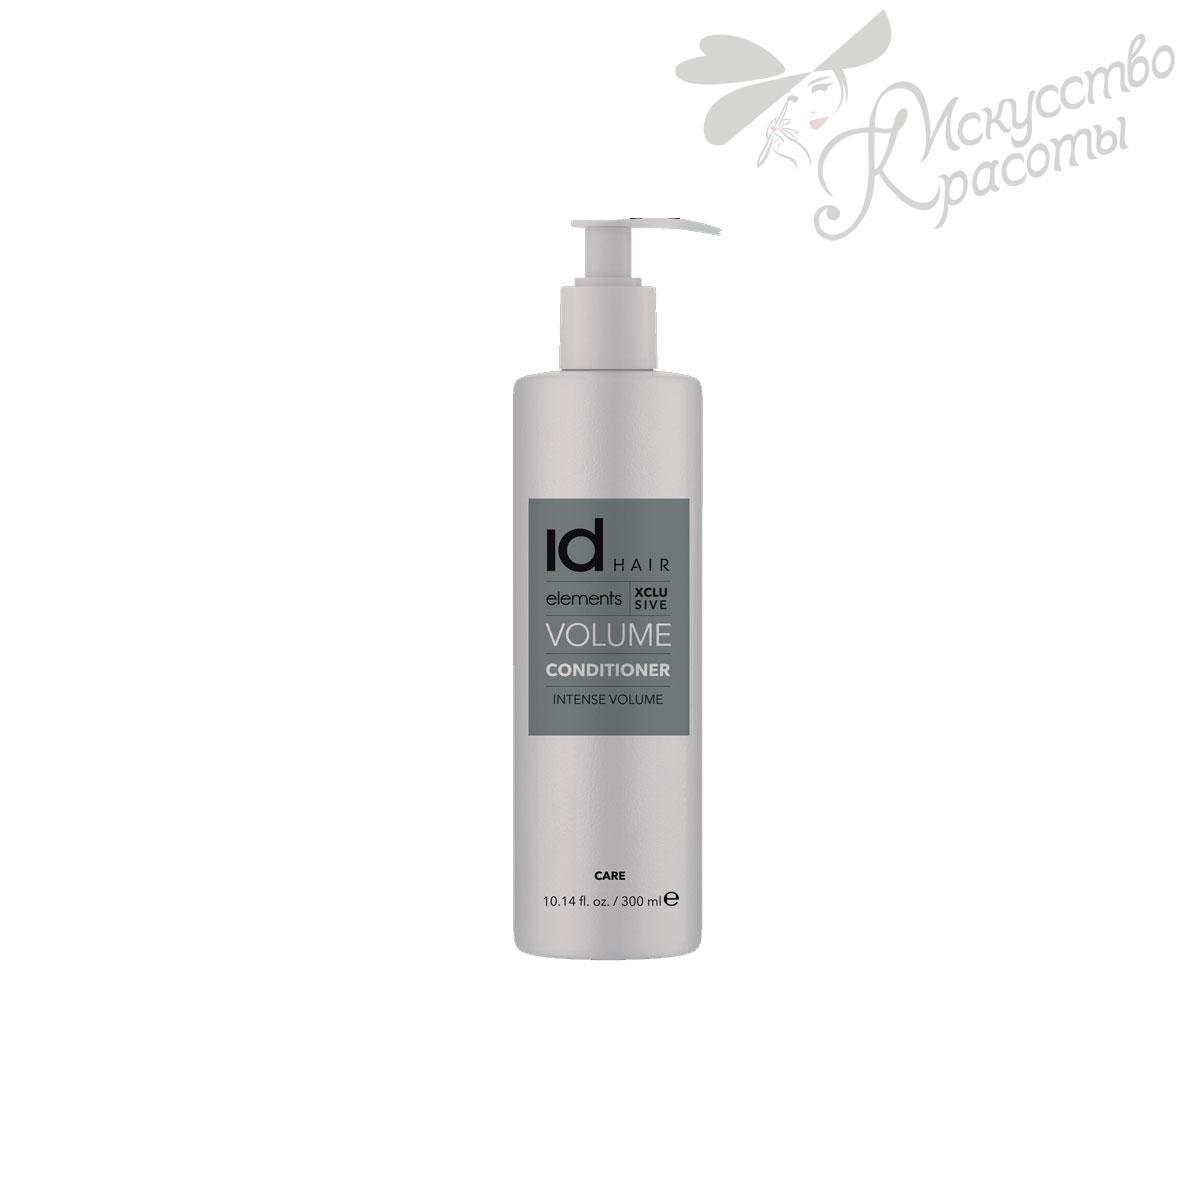 Кондиционер для объёма ID Hair Elements XCLS Volume 300 мл